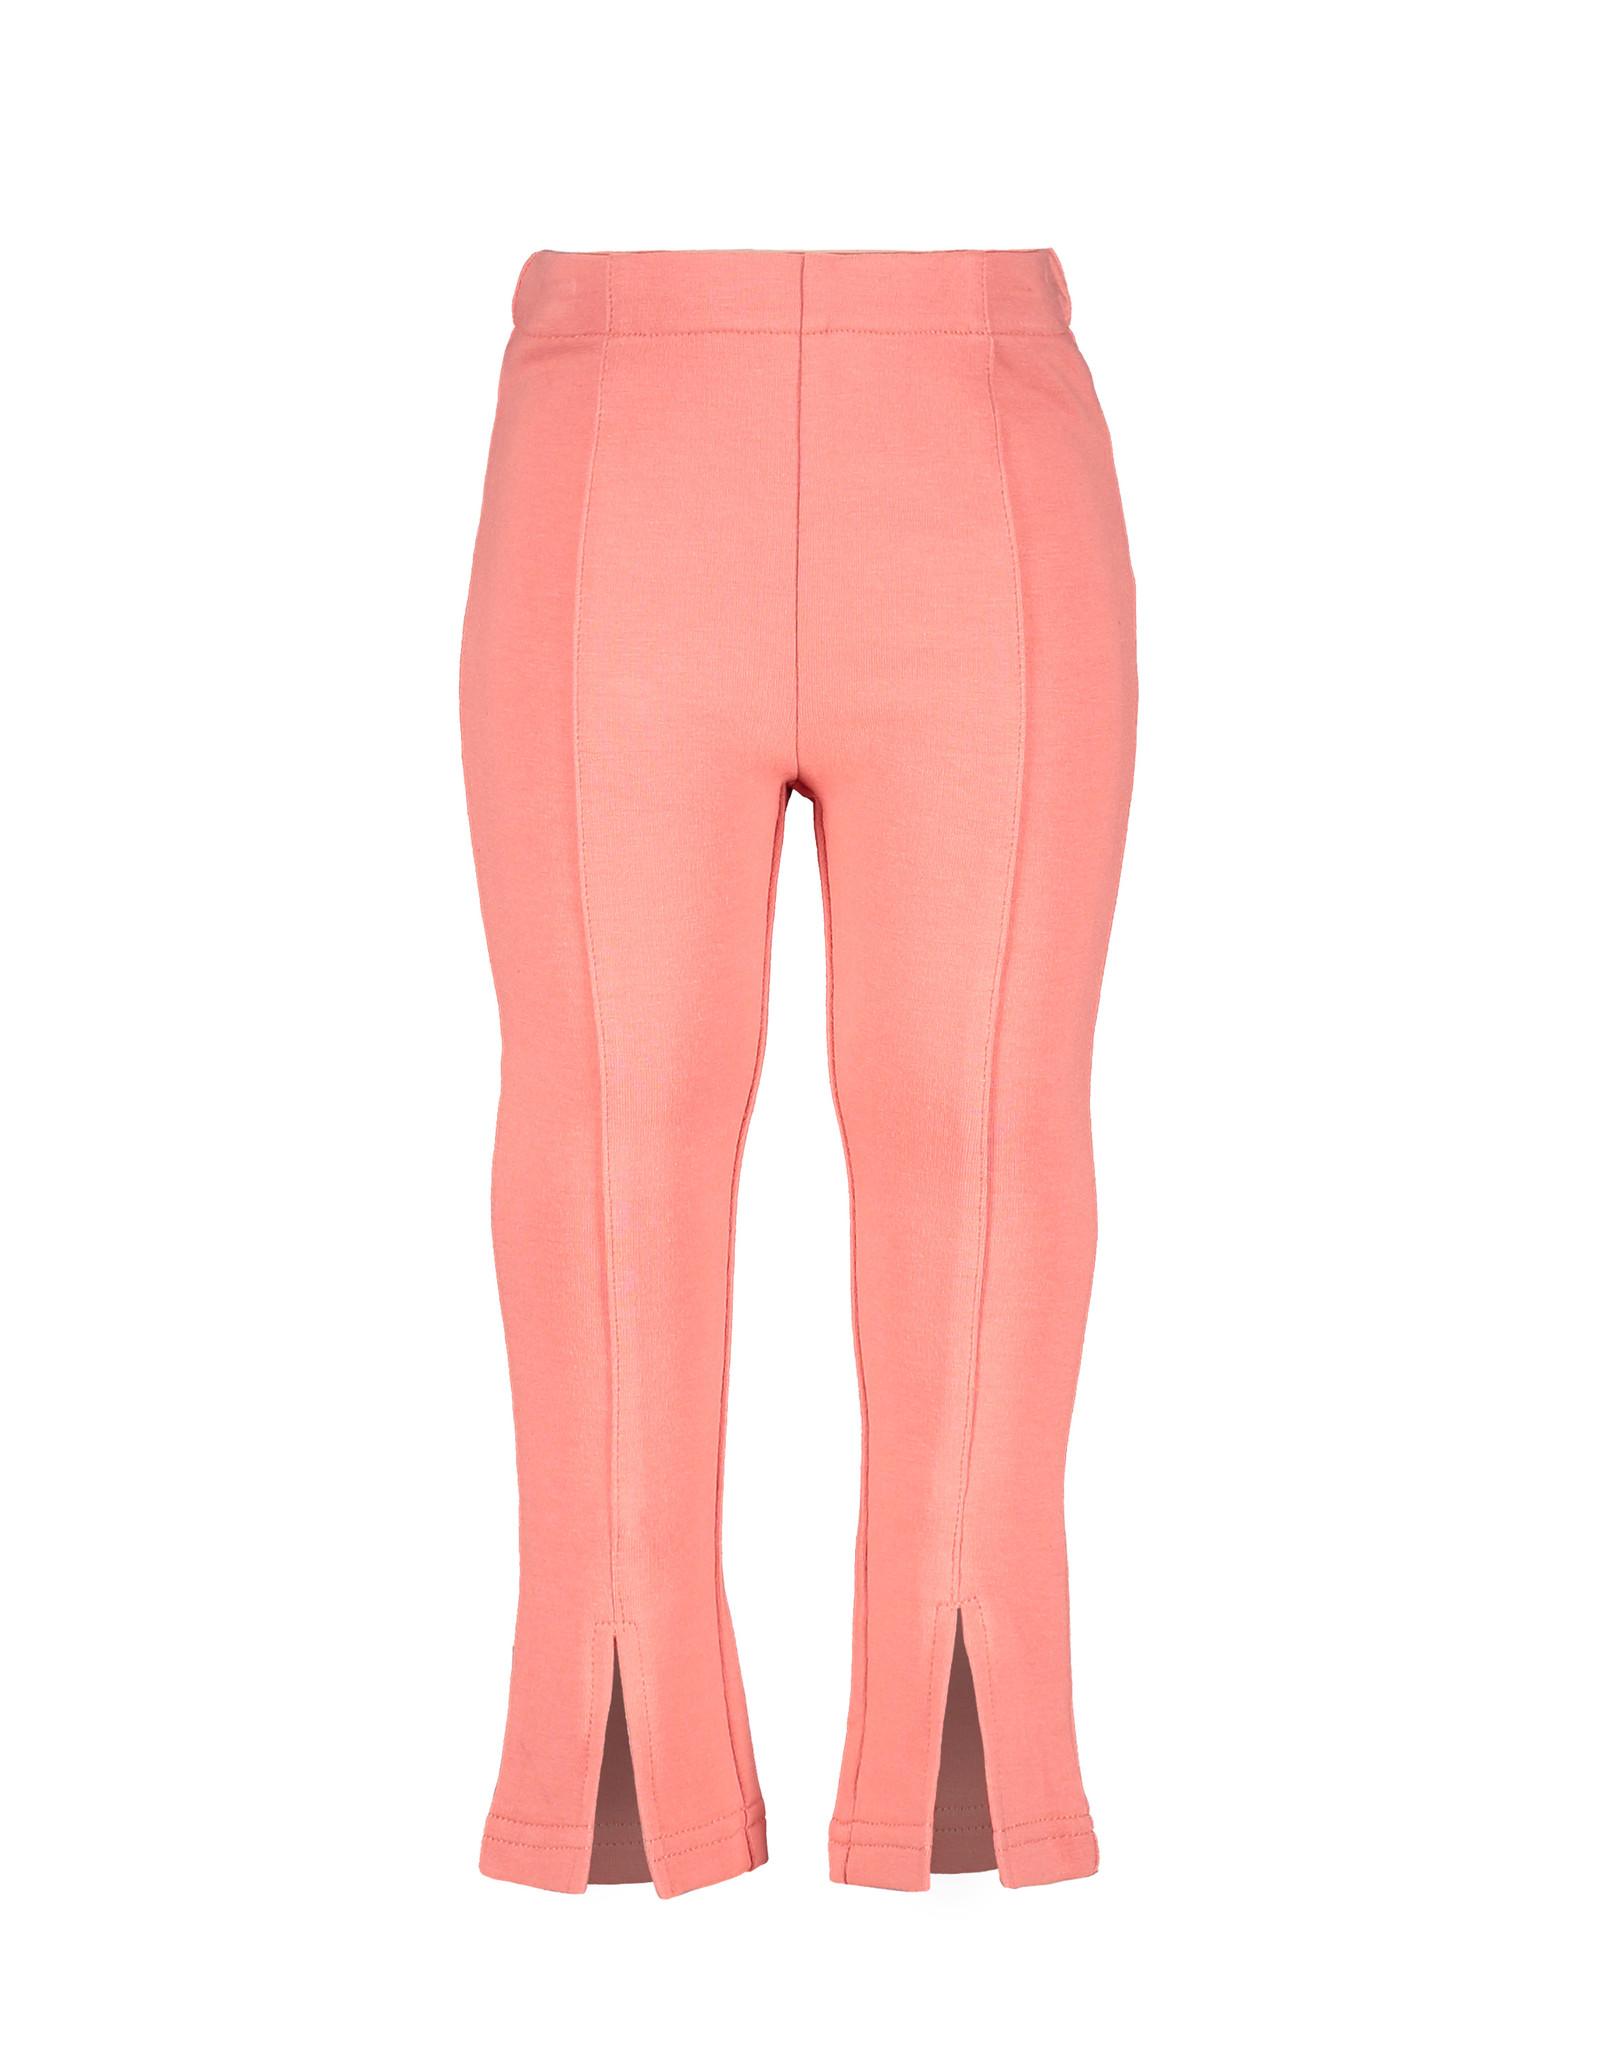 Flo Flared broekje roze